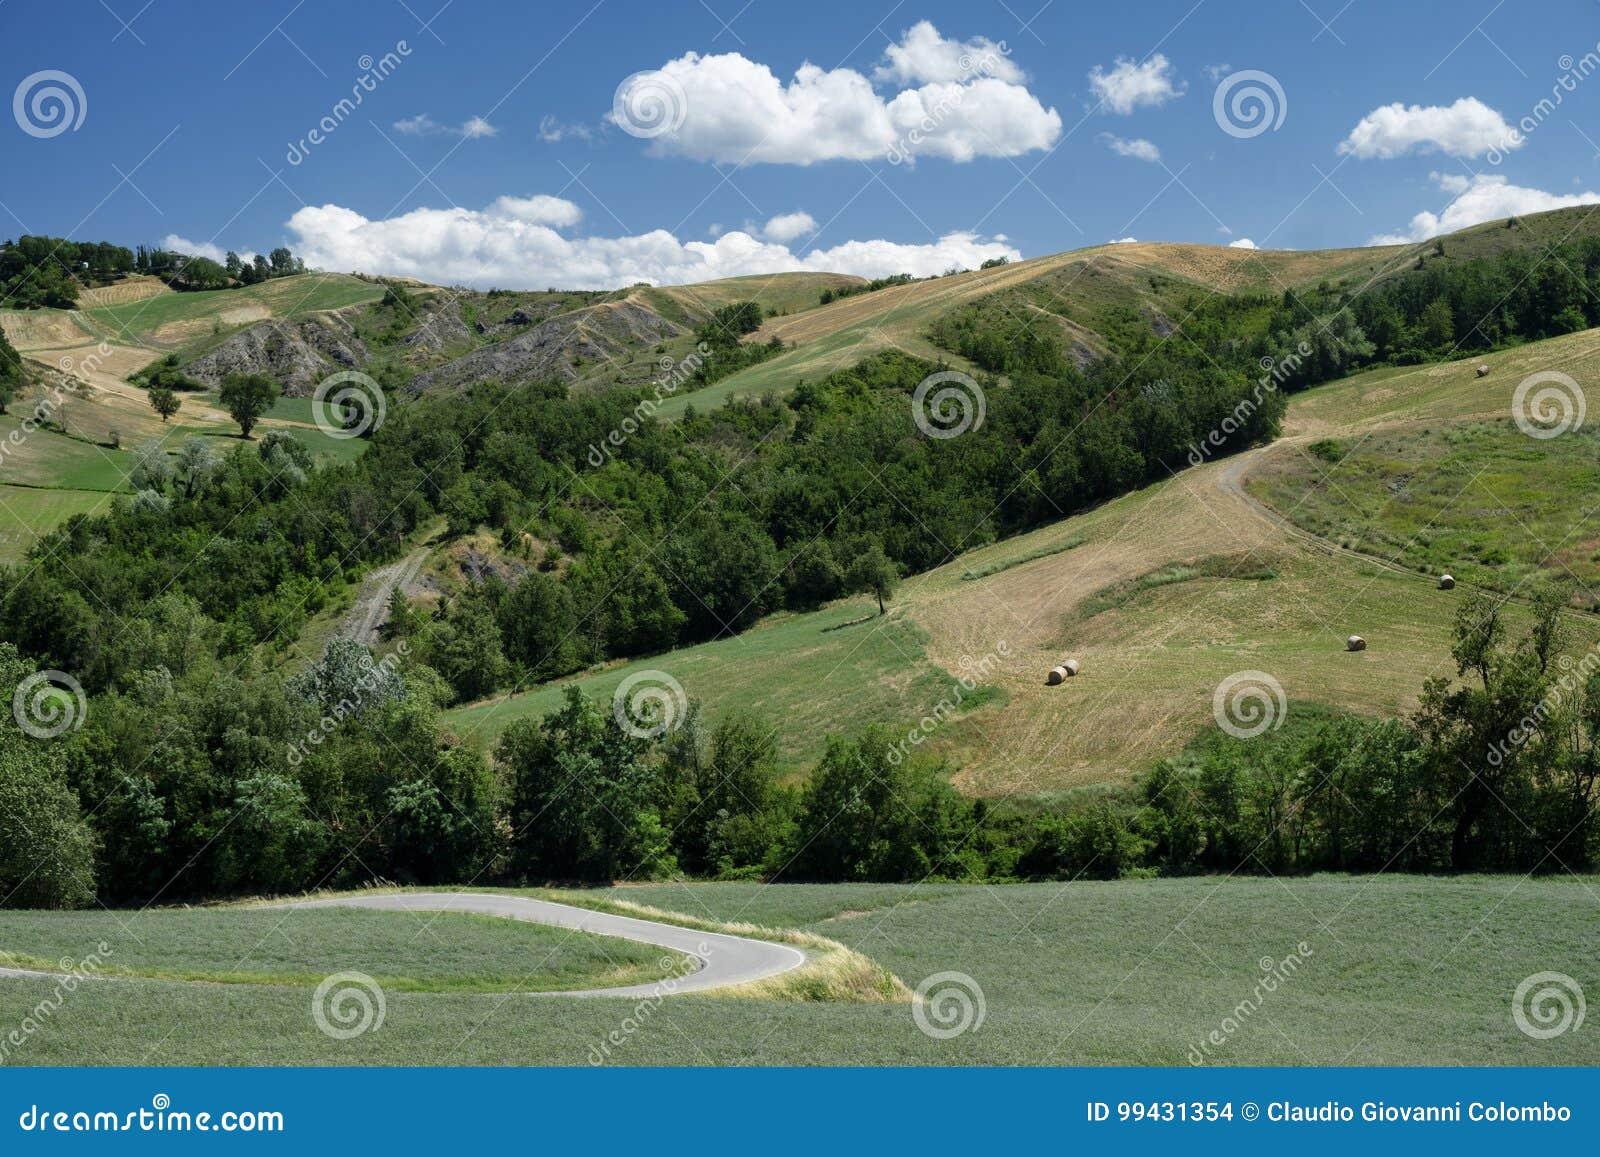 Rivalta Di Lesignano Πάρμα, Ιταλία: θερινό τοπίο